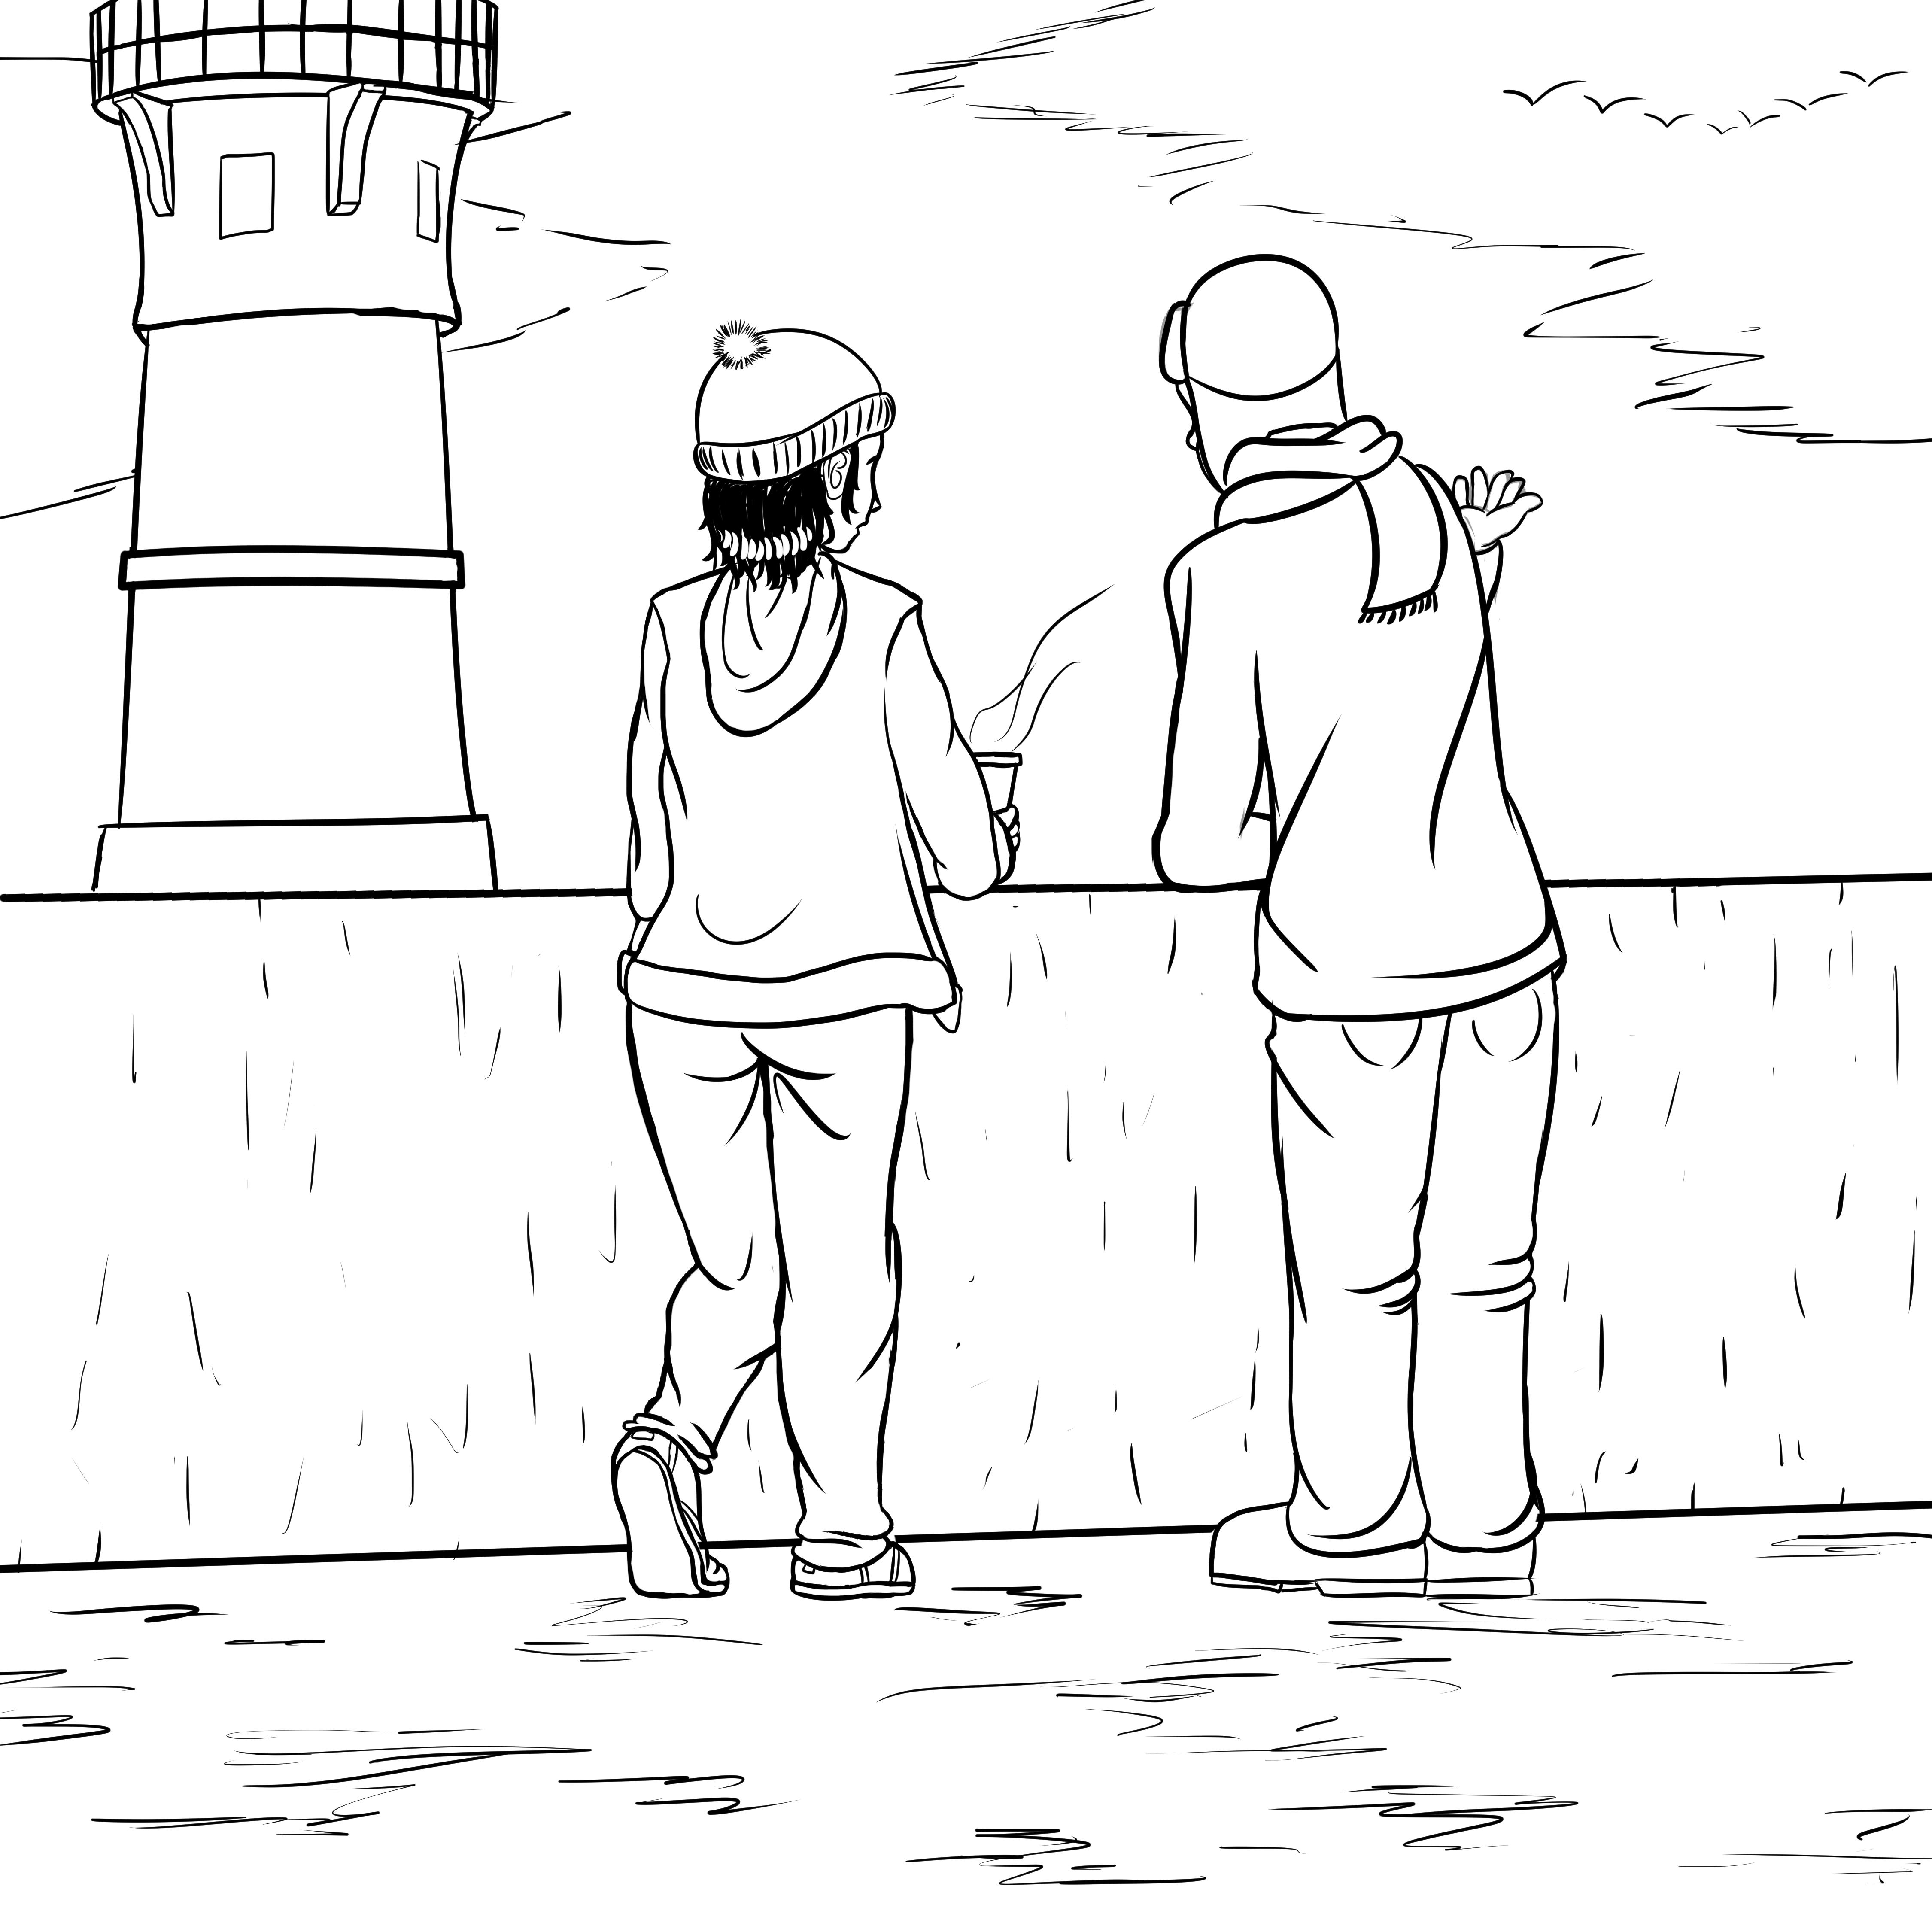 Florence et Westbrook se tiennent sur la jetée de Duluth et regarde le Lac Supérieur en parlant.